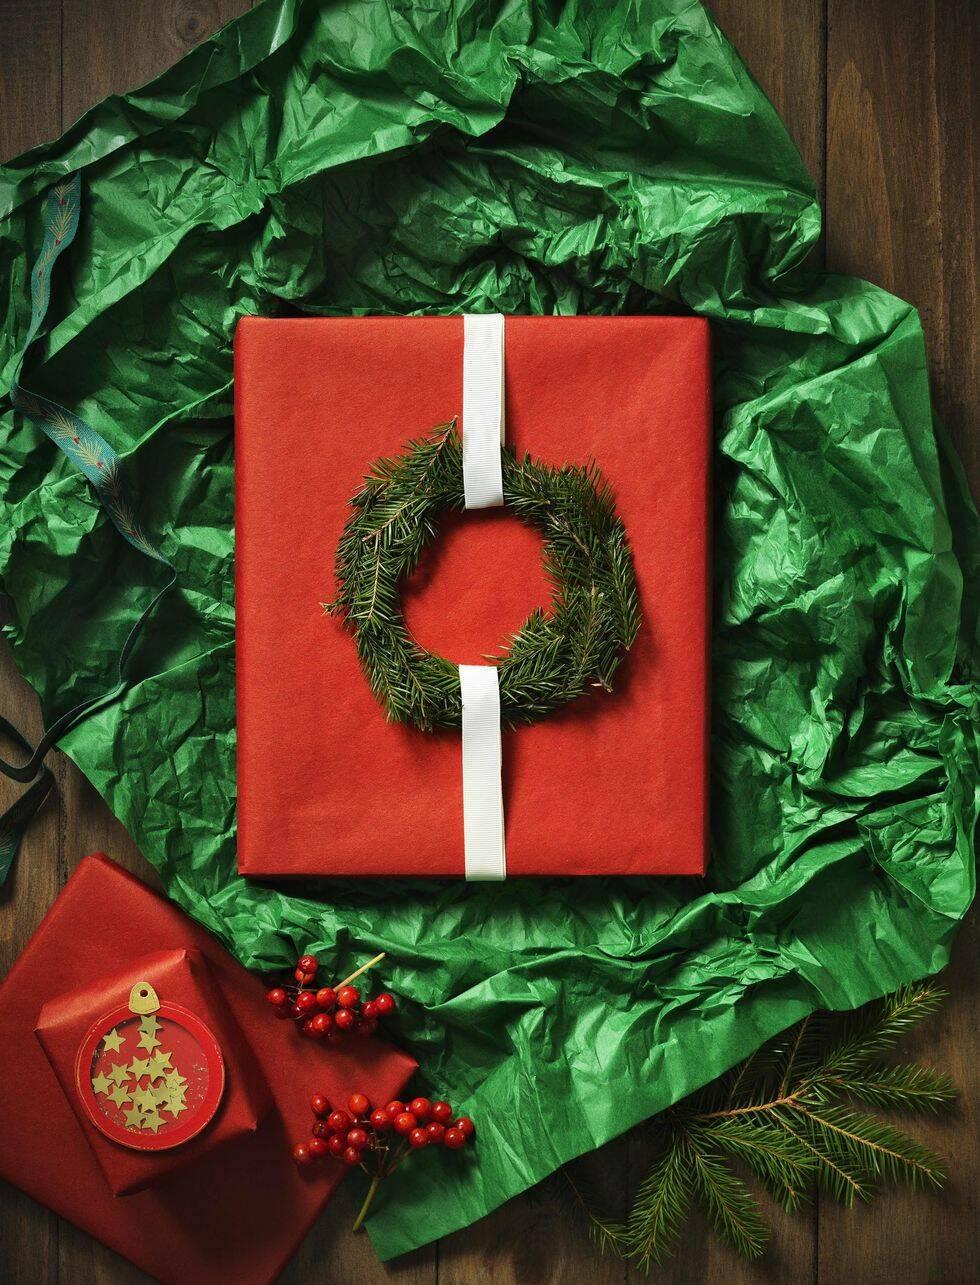 Så här slår du in julens personligaste julklappar – stylisten tipsar